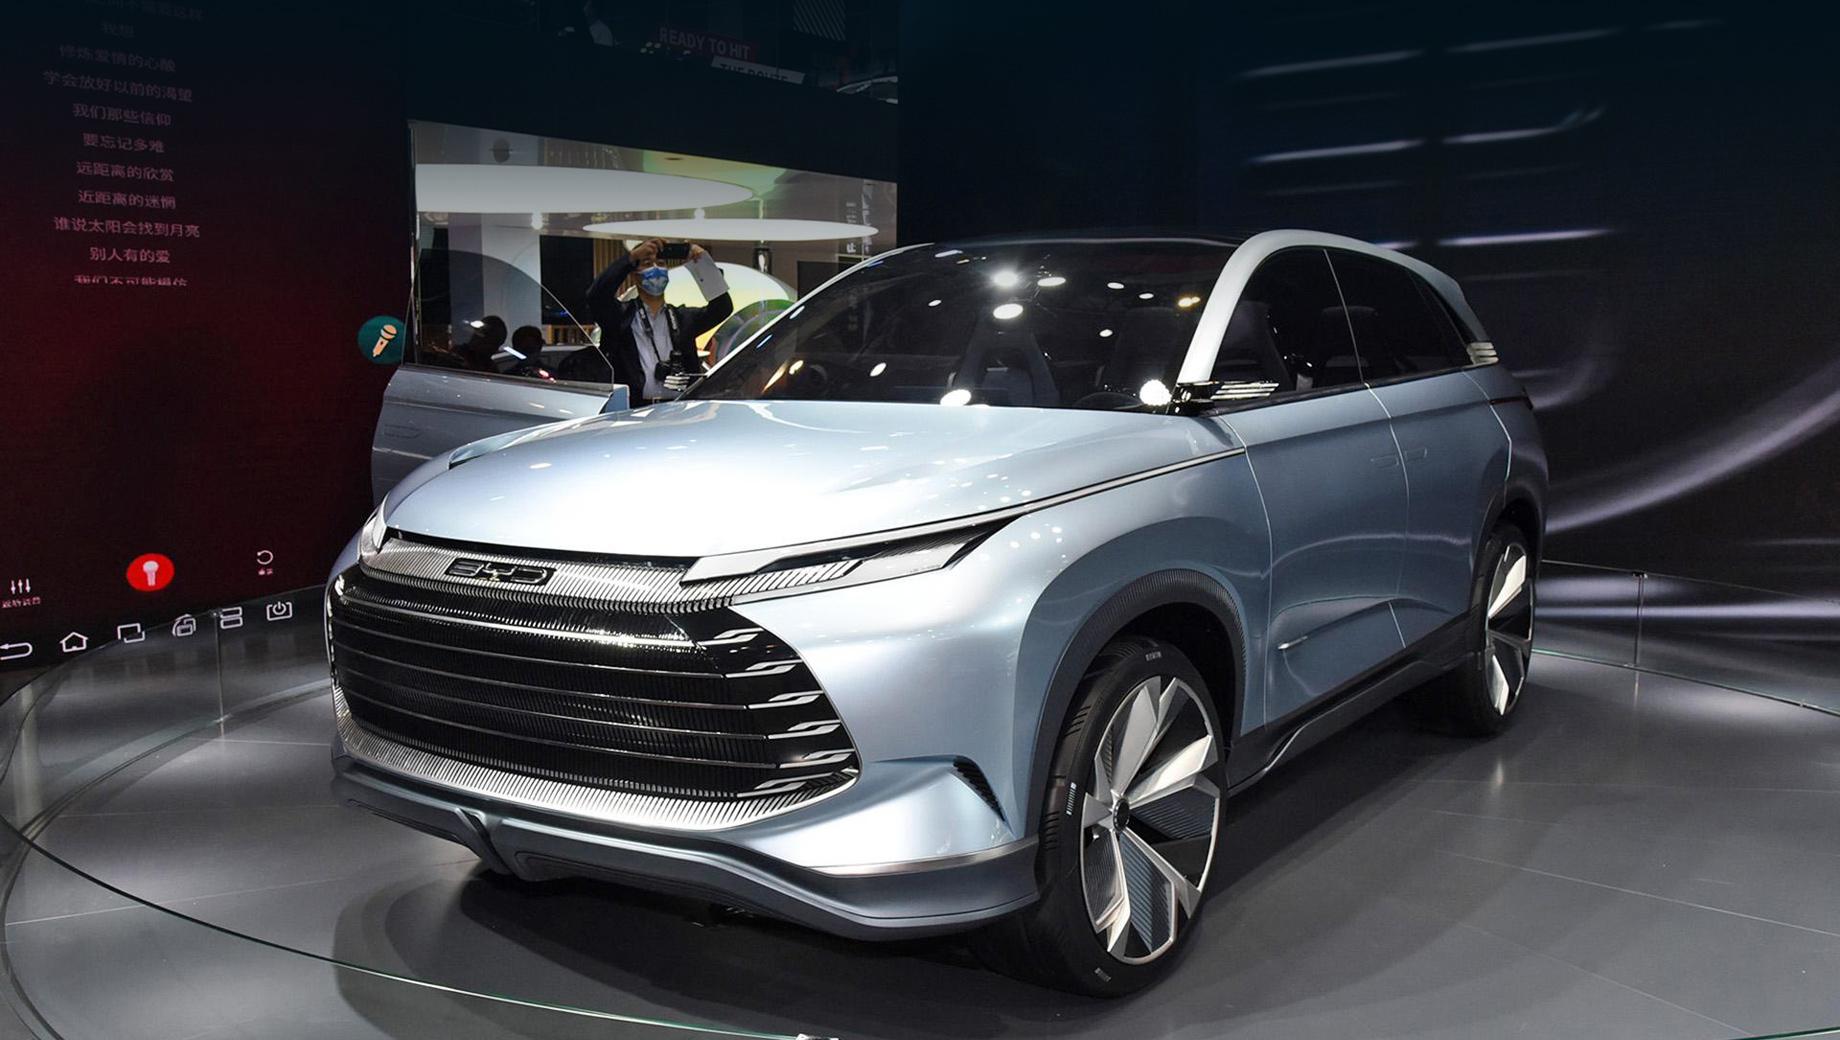 Byd x dream,Byd ea1. Шоу-кар X Dream показывает, как эволюционирует дизайн топовых моделей BYD. Впрочем, в основе всё равно лежит стиль Dragon Face, как у последних творений бренда.